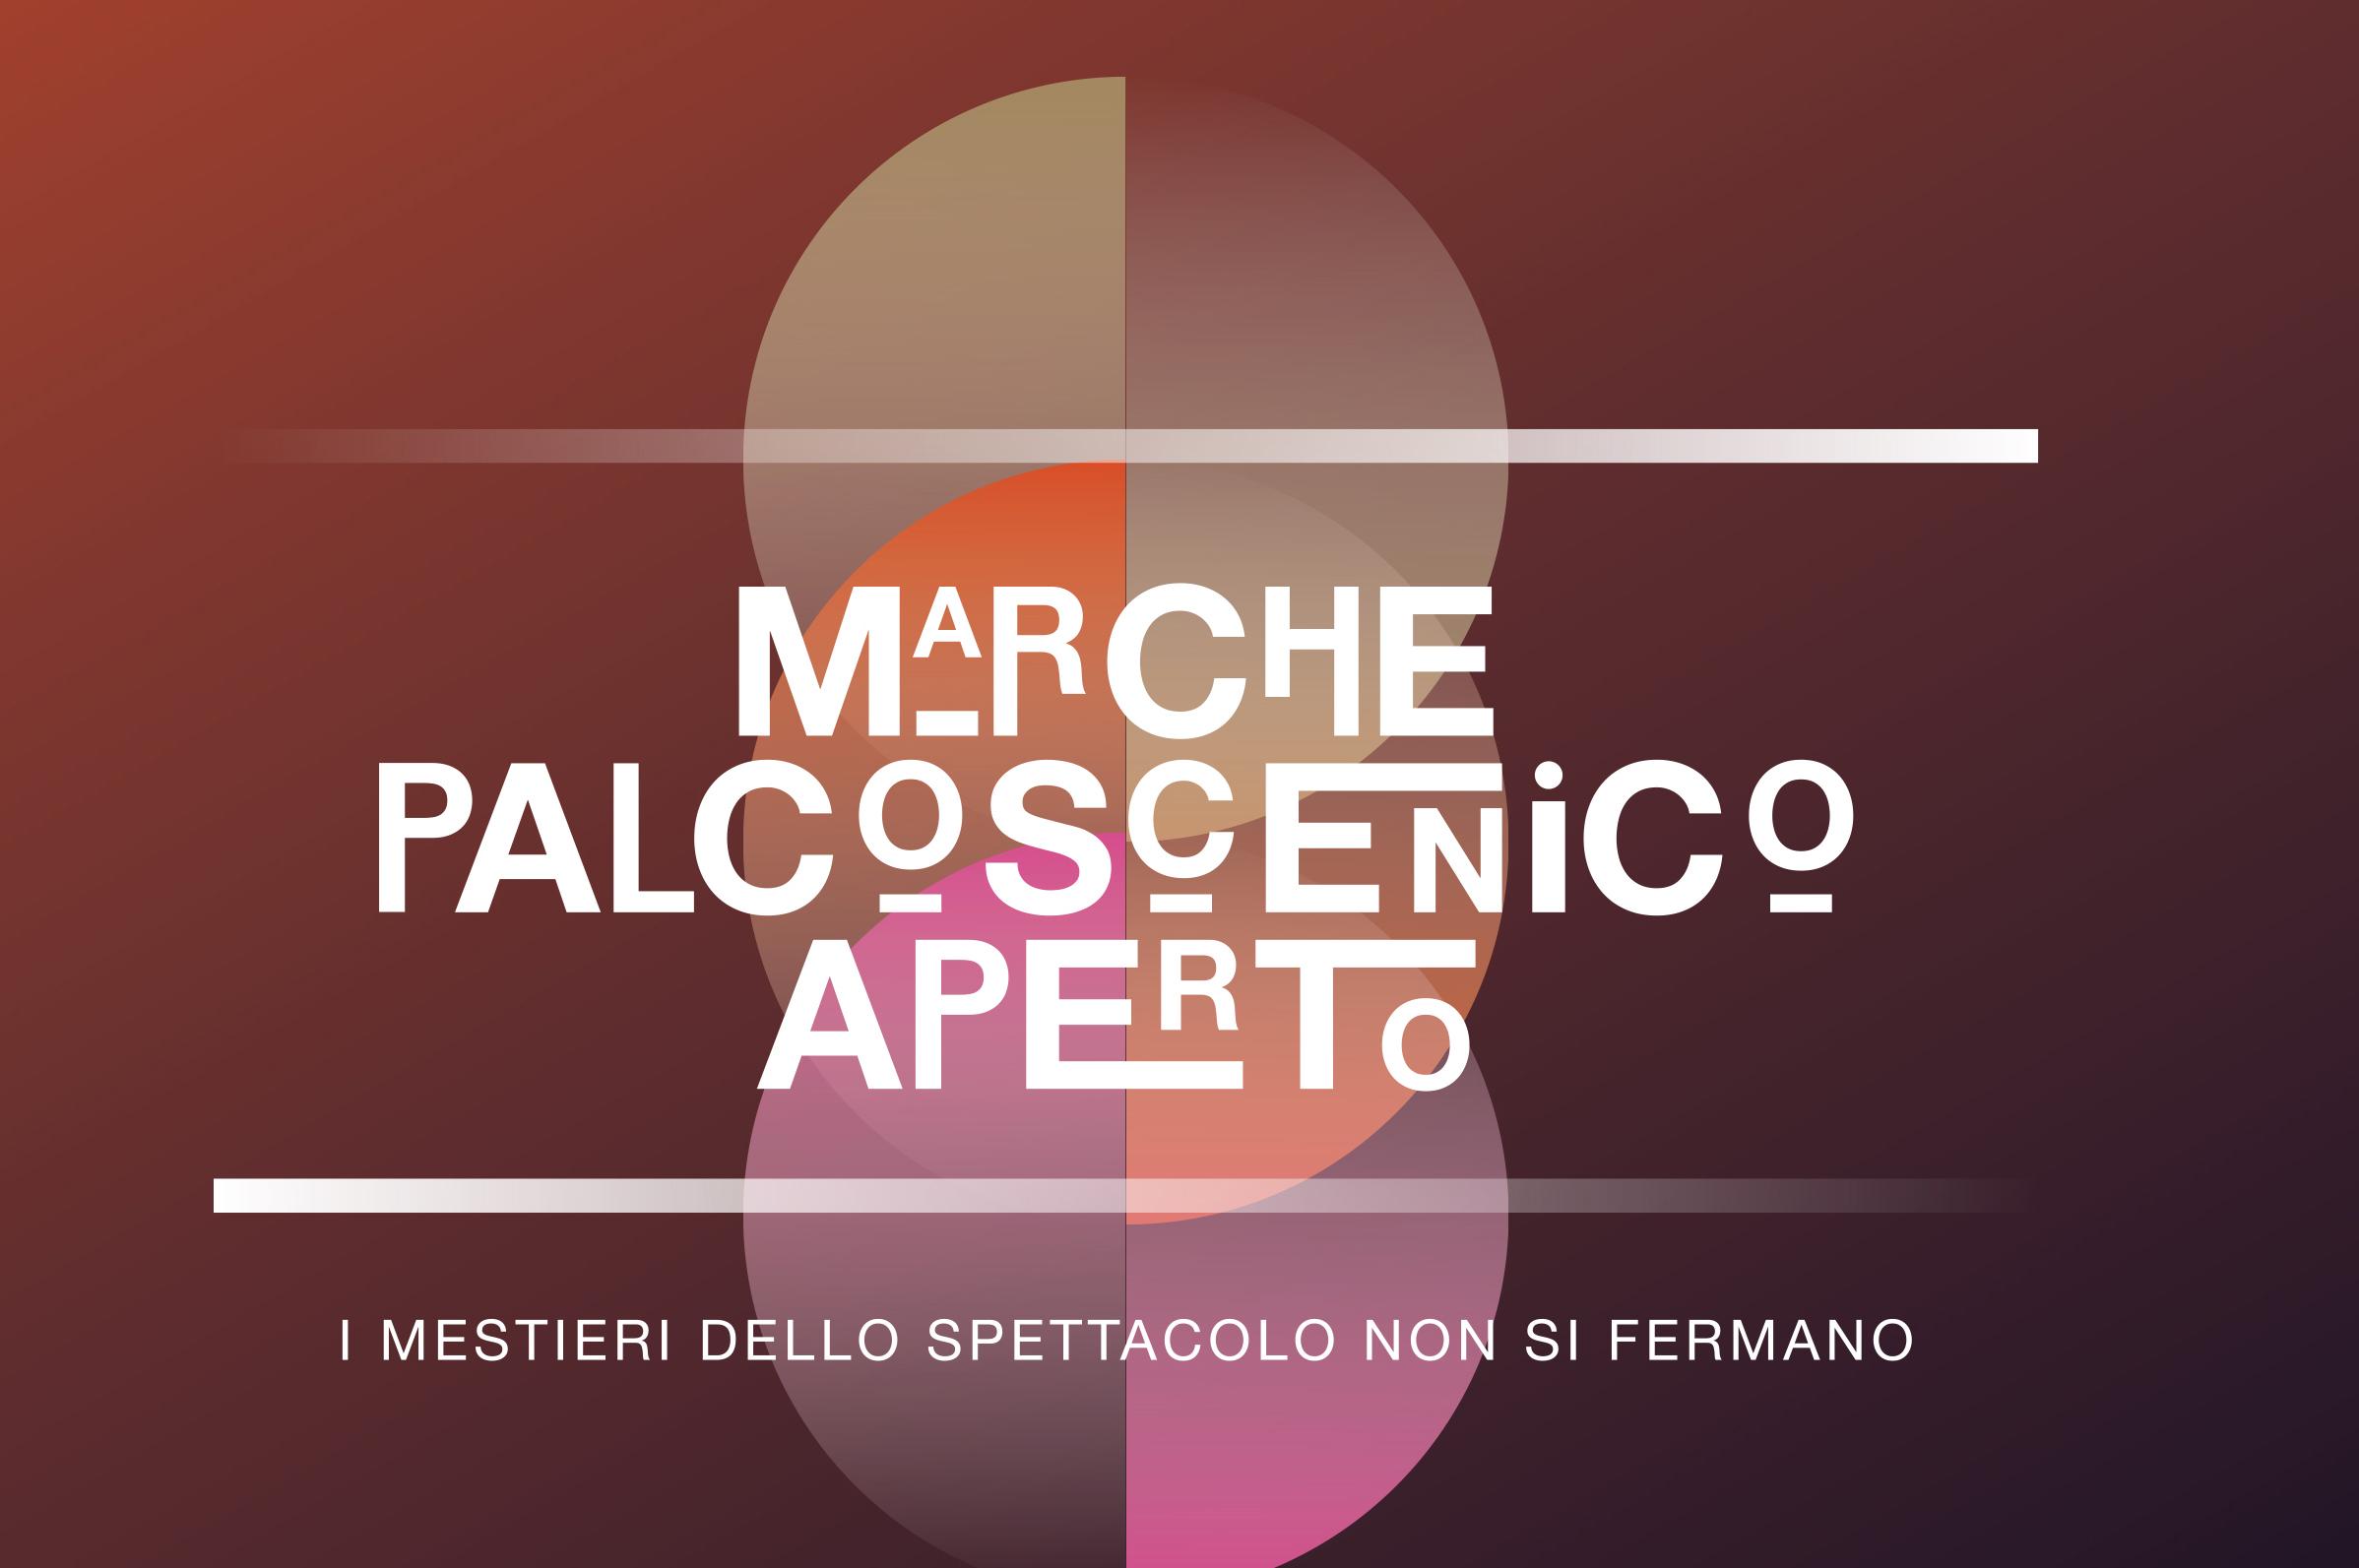 MARCHE PALCOSCENICO APERTO, I PROGETTI SELEZIONATI